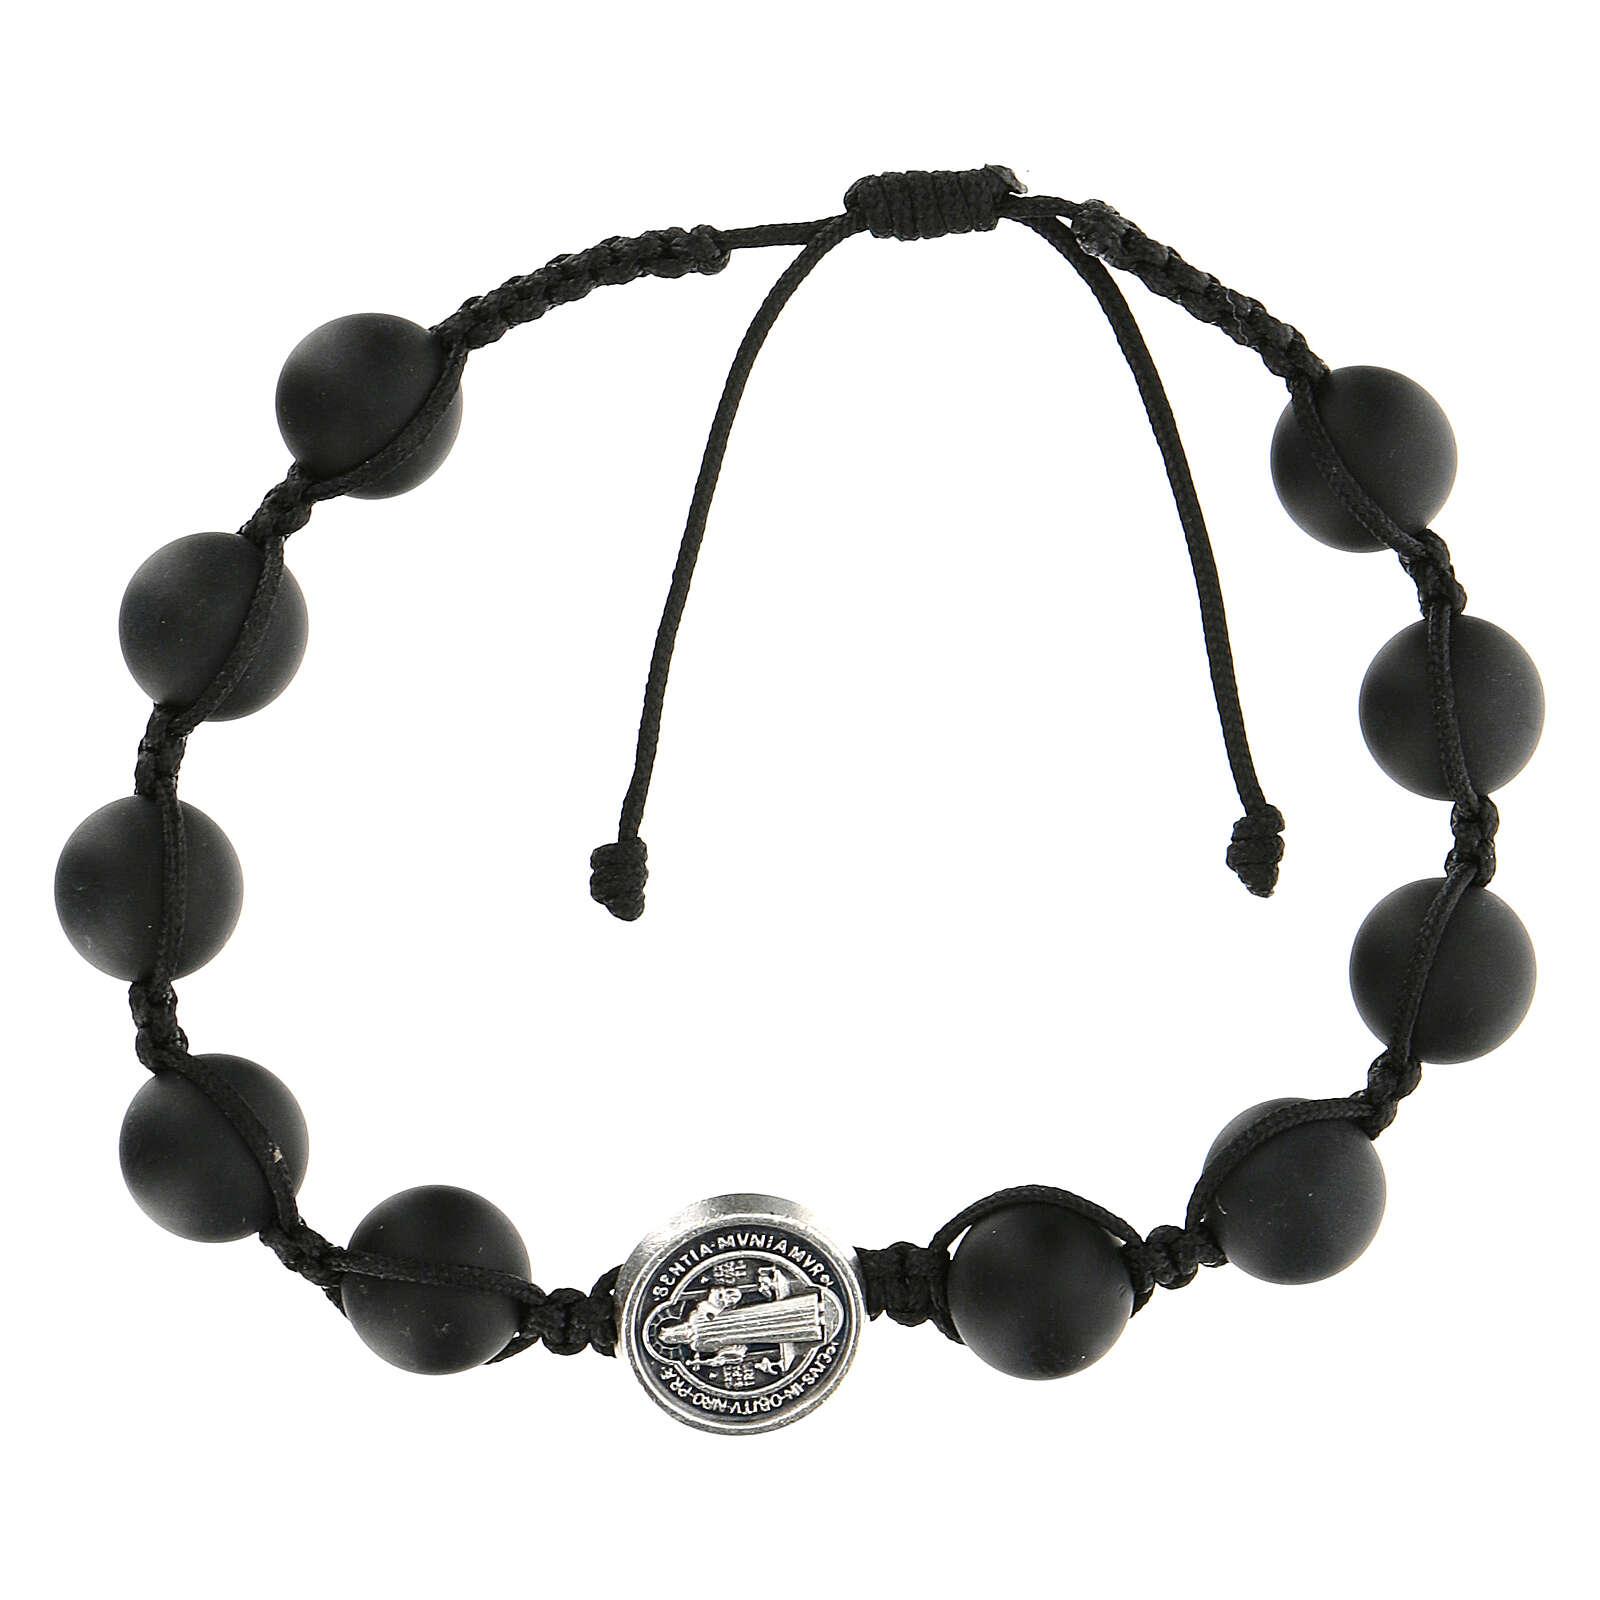 Bracelet grains noirs Medjugorje pierre polie Saint Benoît argenté 4